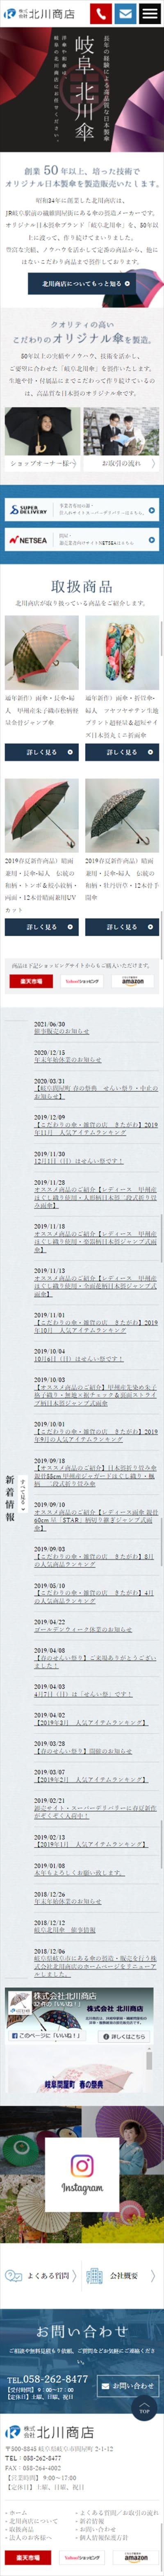 株式会社北川商店